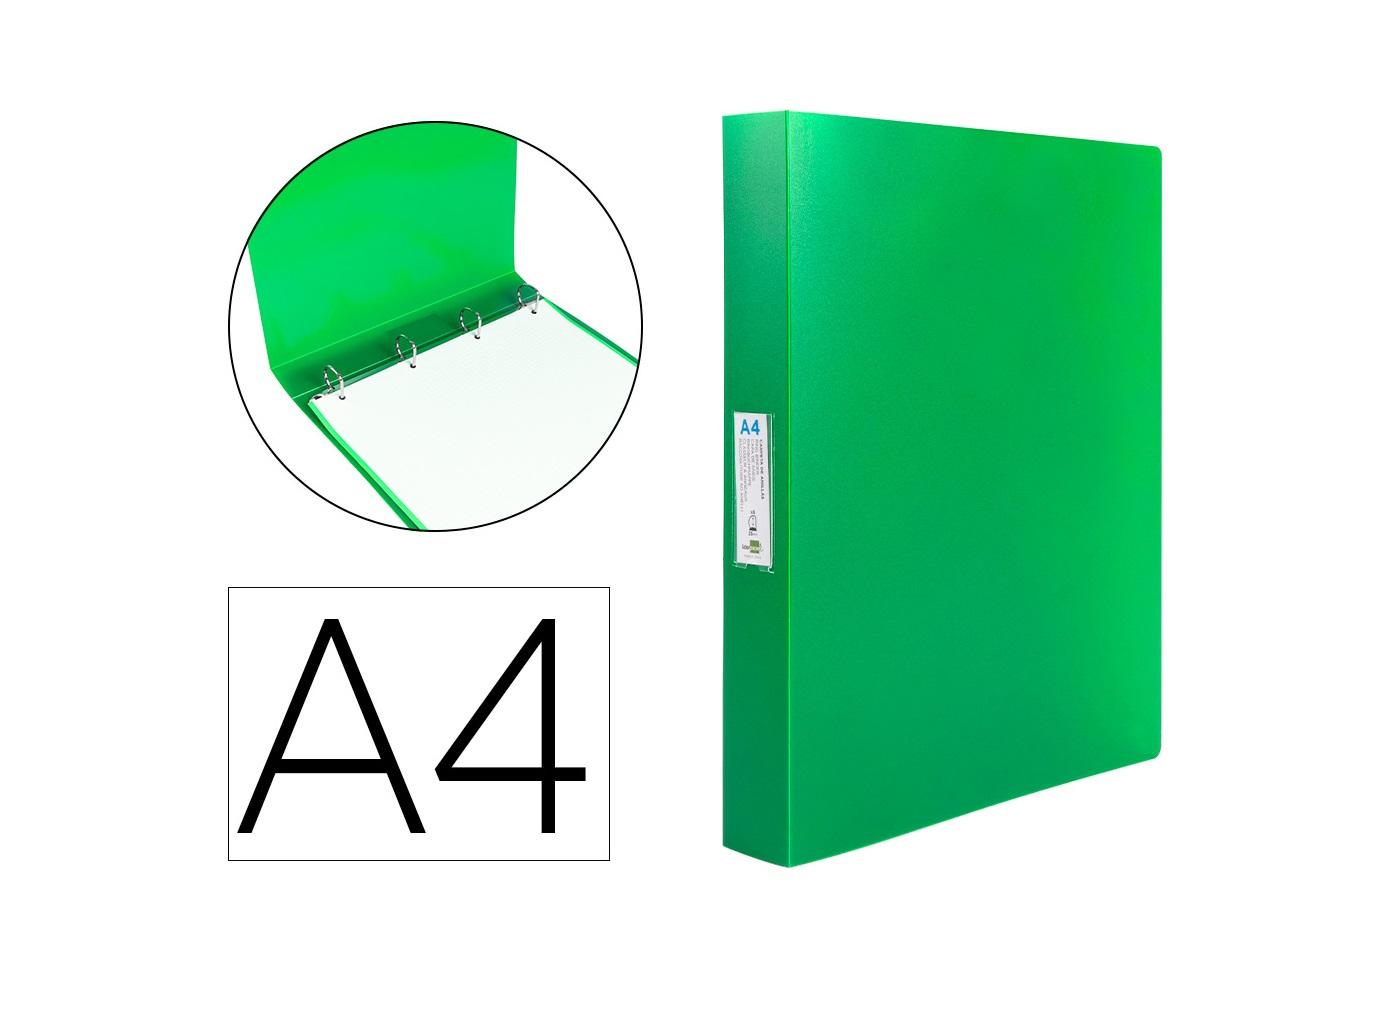 P. Arq. PP A4 25mm 4 Aneis Verde